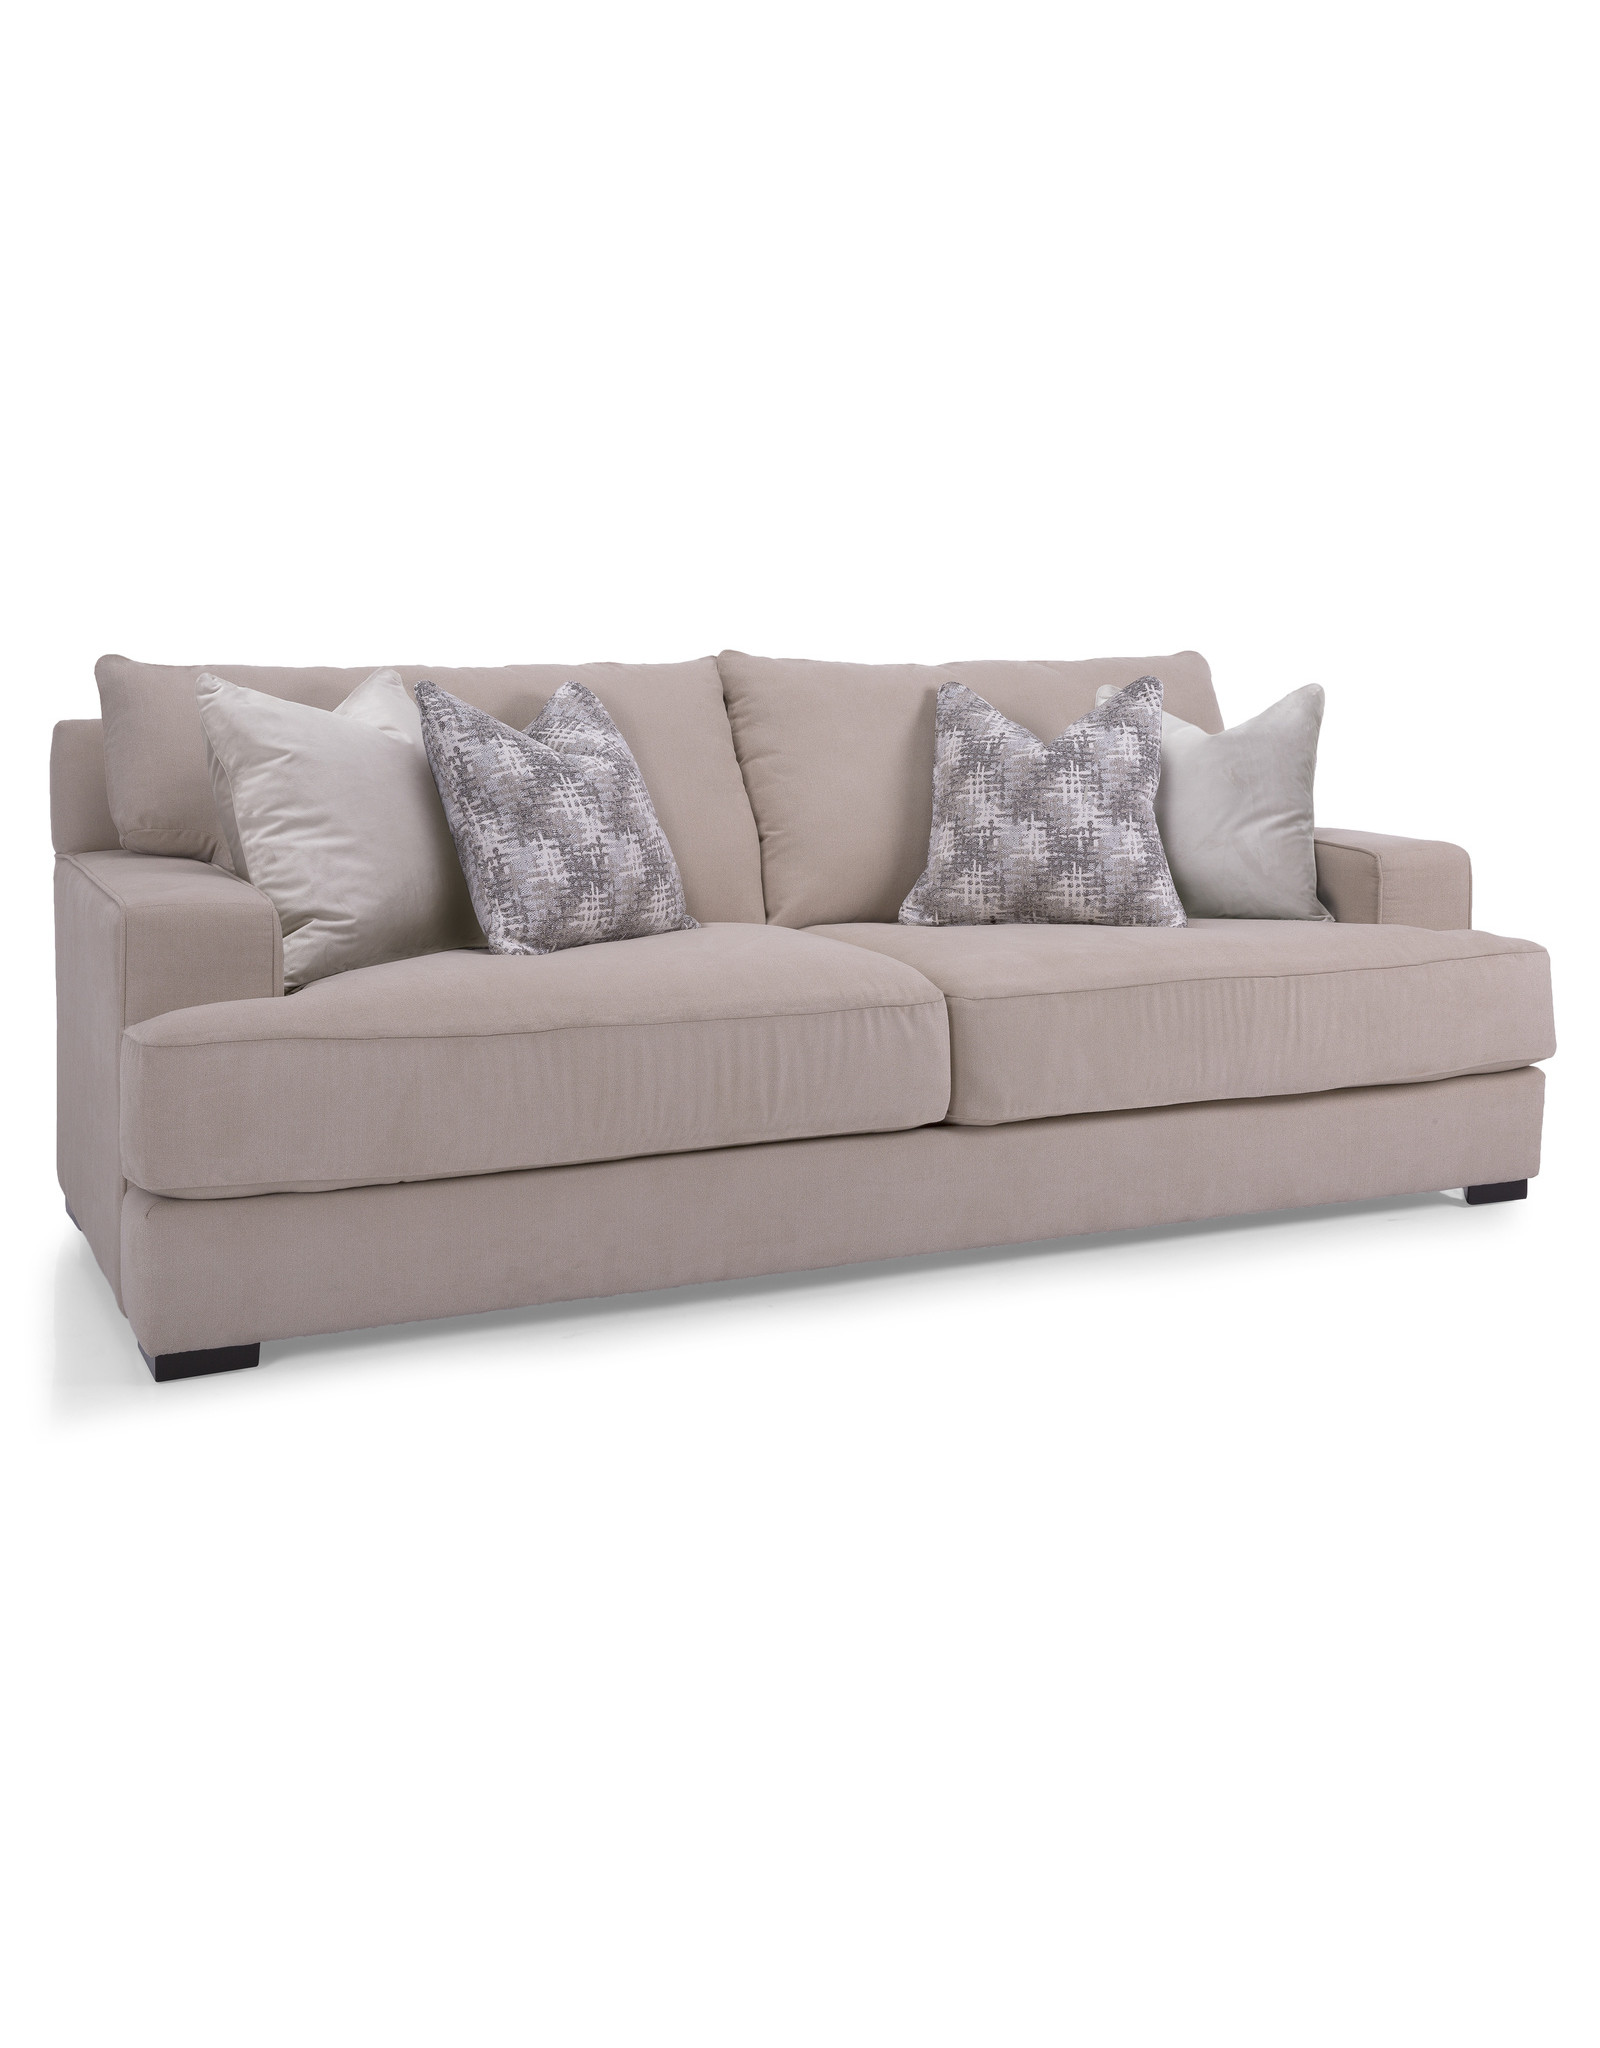 TCE 2702 Sofa